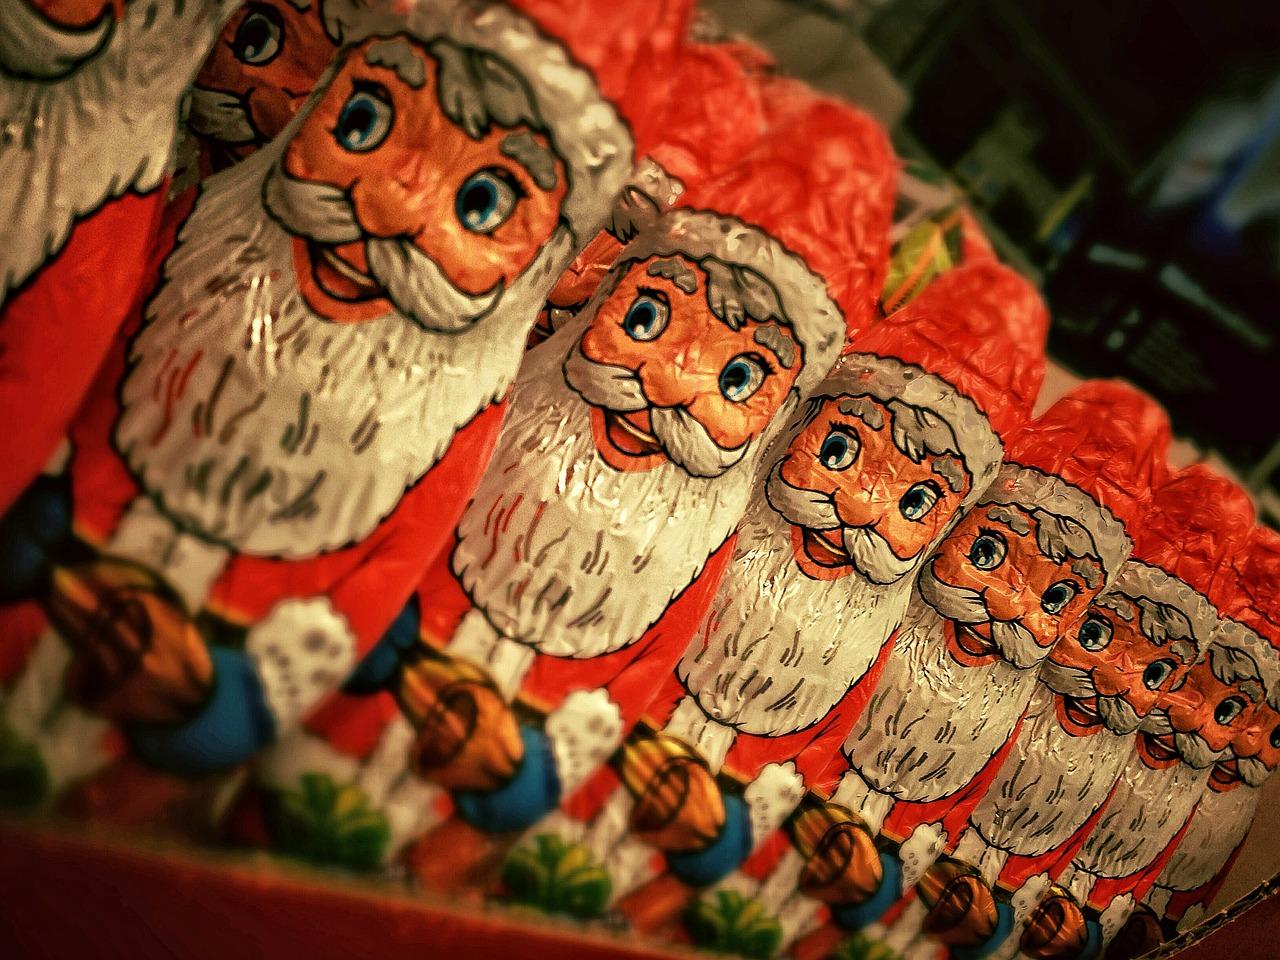 Kreative Weihnachtsgeschenke für Kunden | Kmu - Hofmann